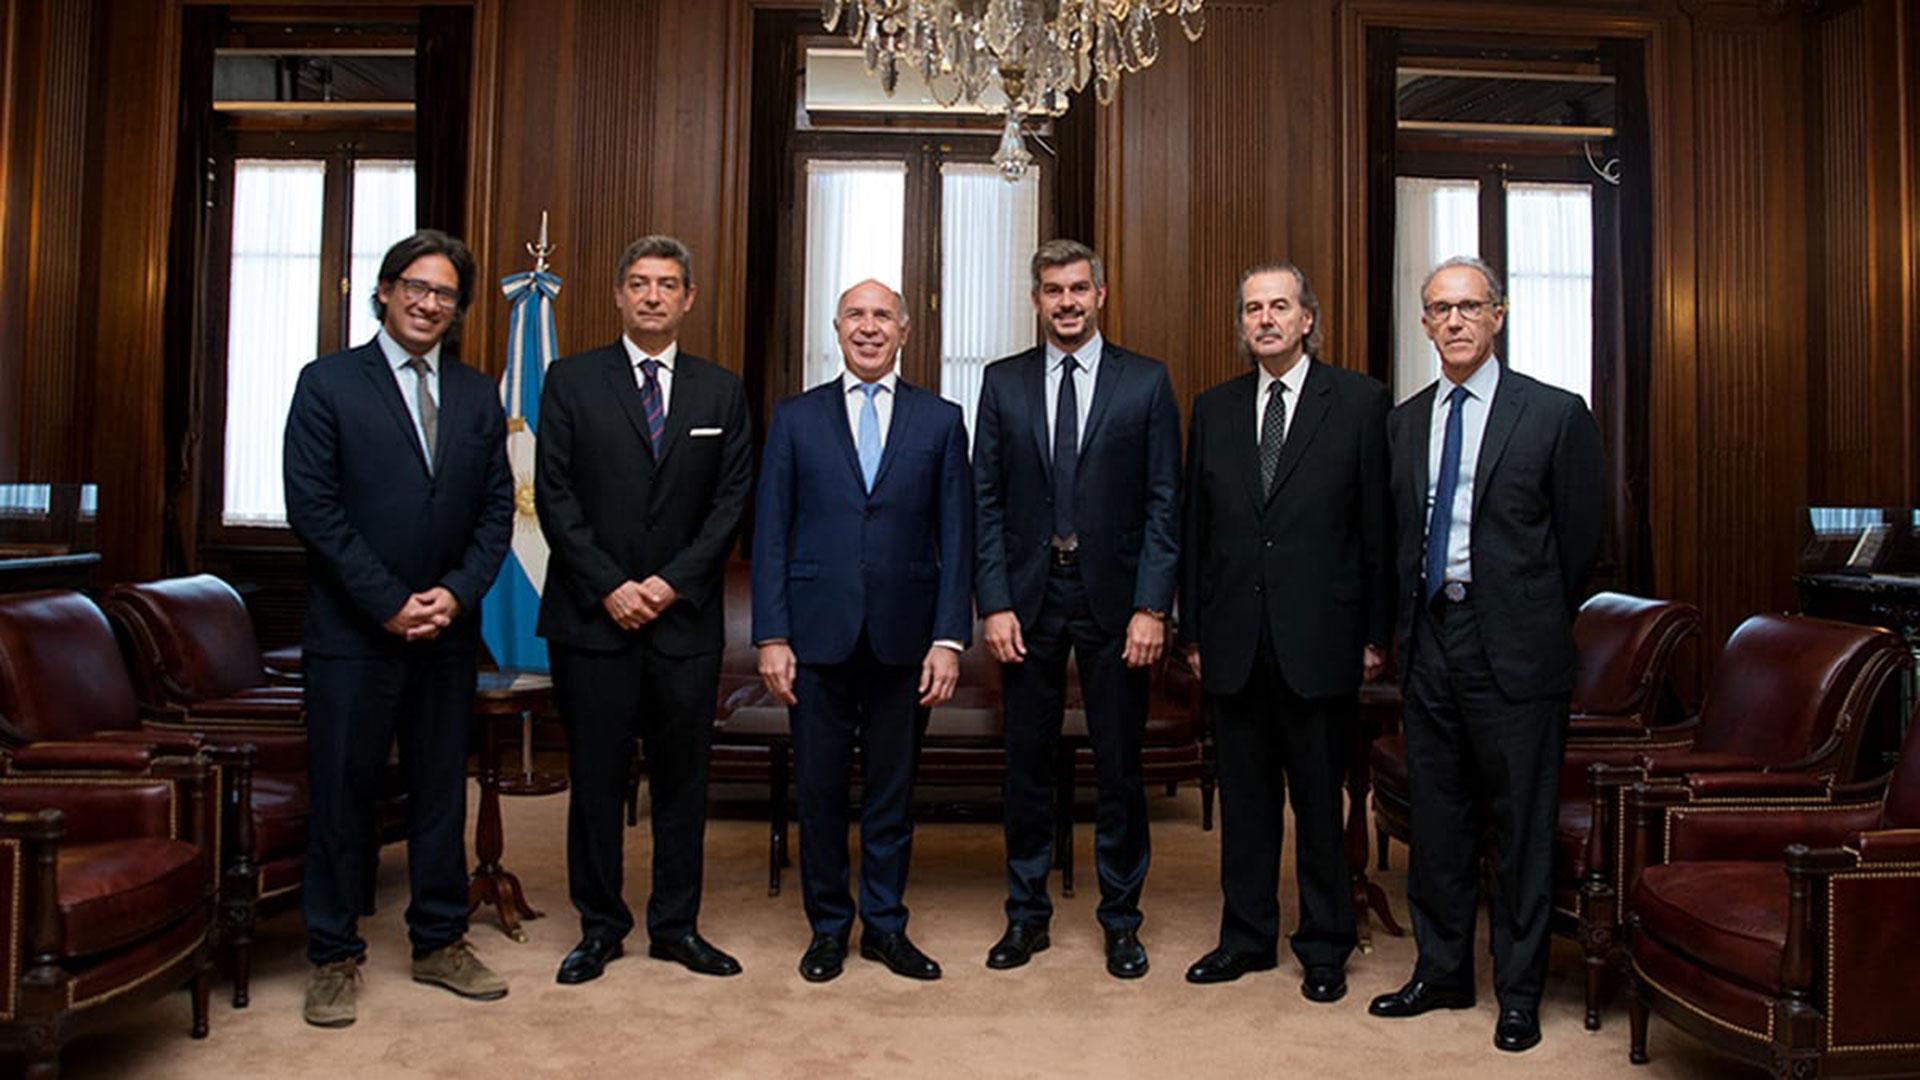 Germán Garavano, Horacio Rosatti, Ricardo Lorenzetti, Marcos Peña, Juan Carlos Maqueda y Carlos Rosenkrantz